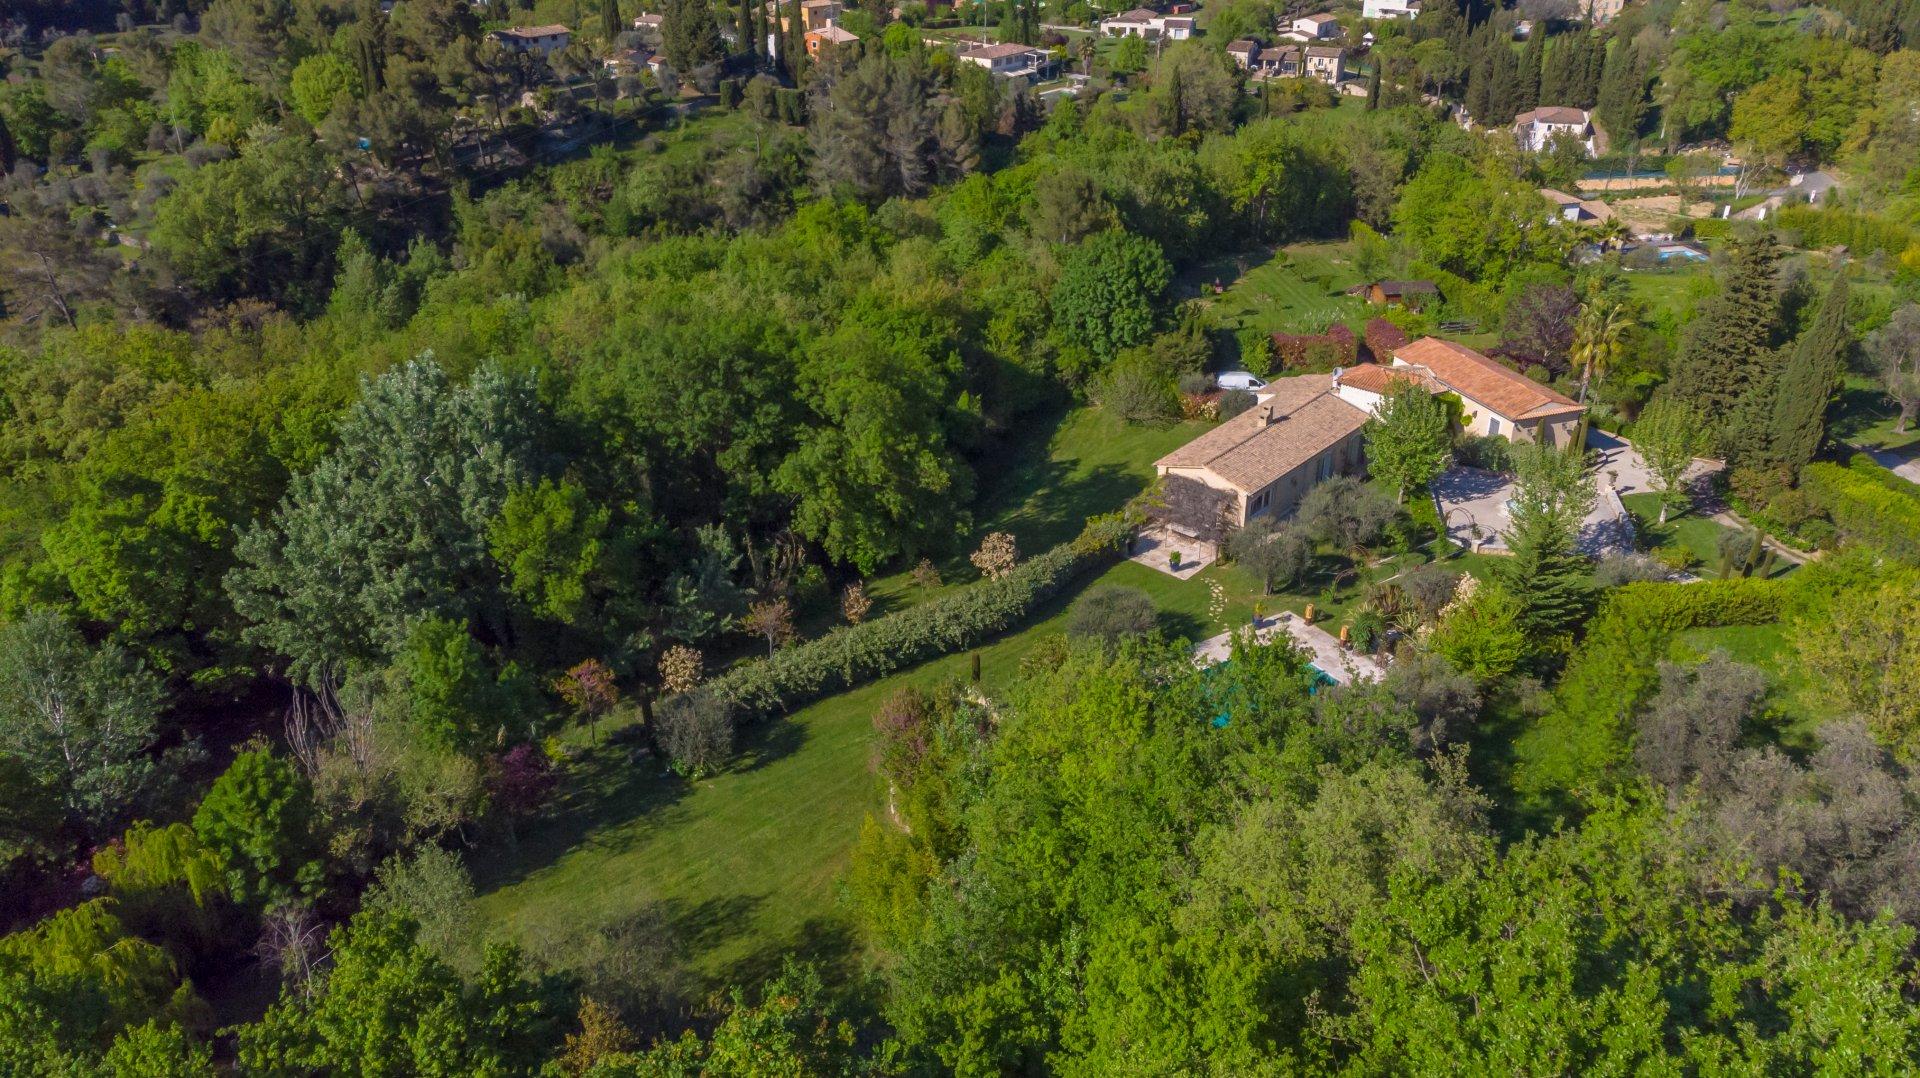 Grasse propriété 500m² vue aérienne